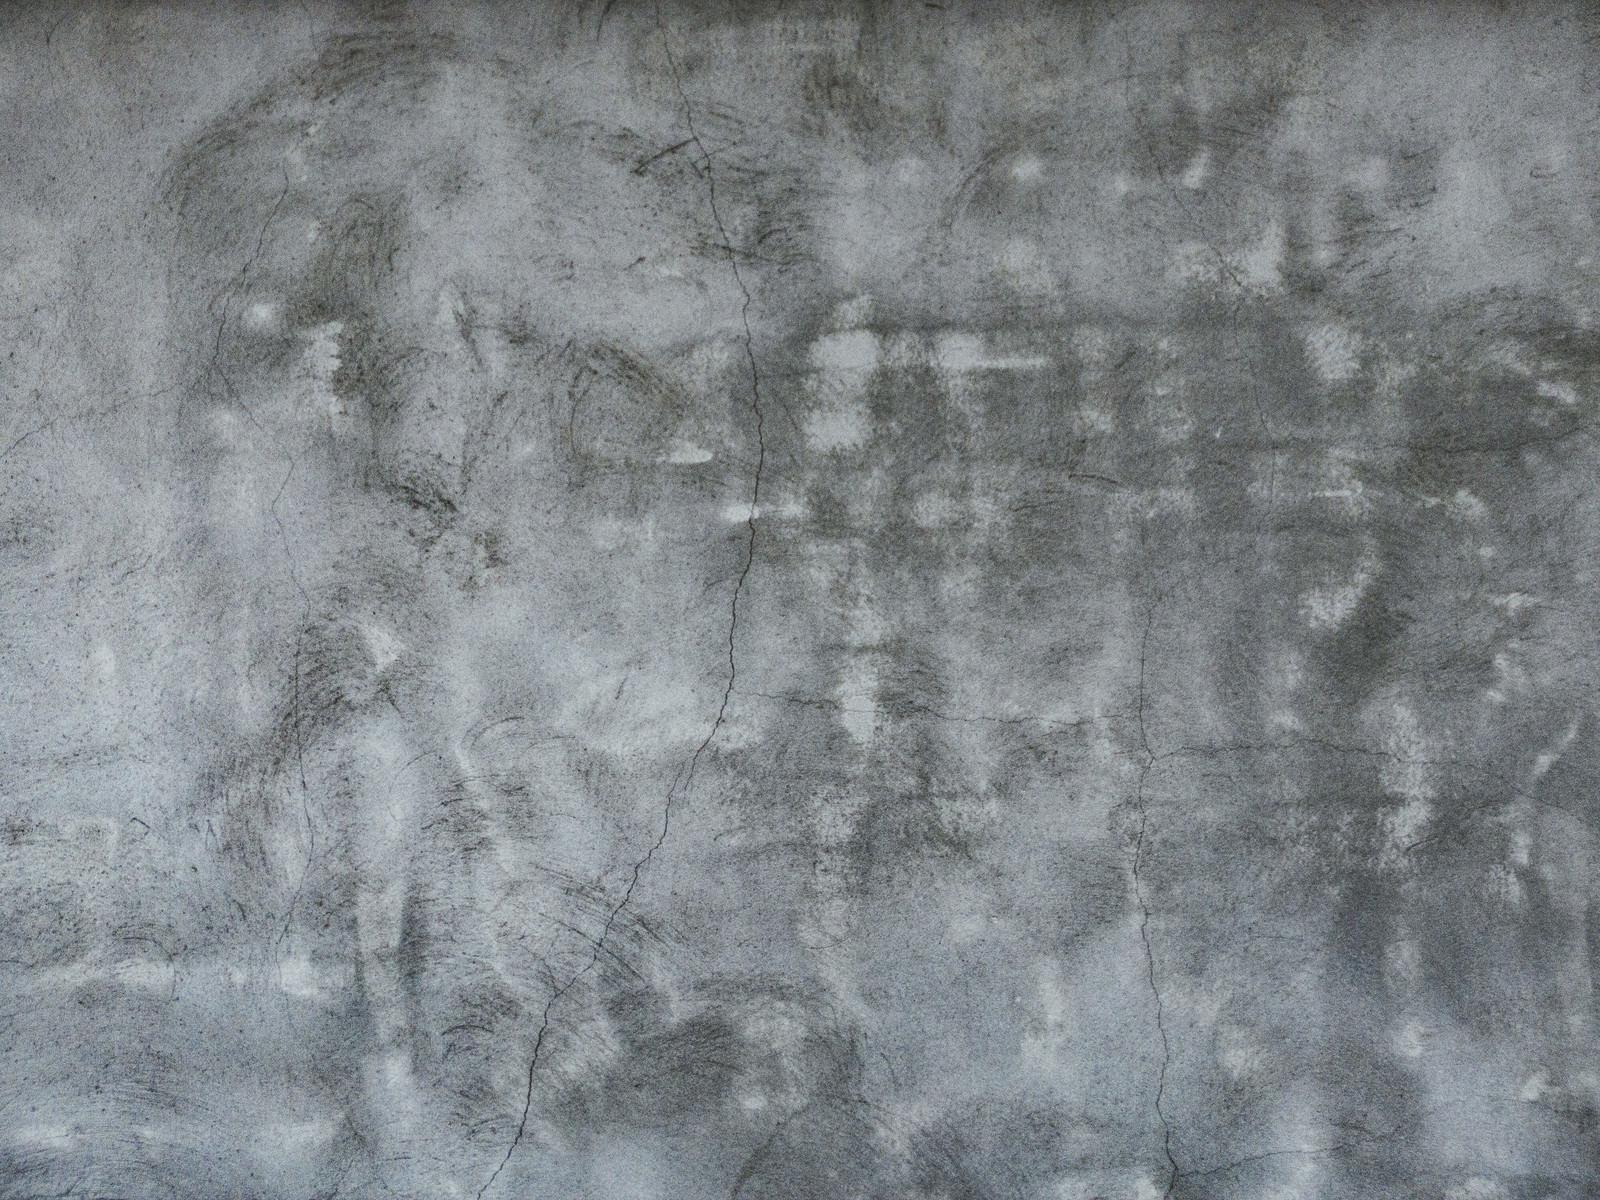 「ヒビが入るボコボコなコンクリート(テクスチャ)」の写真